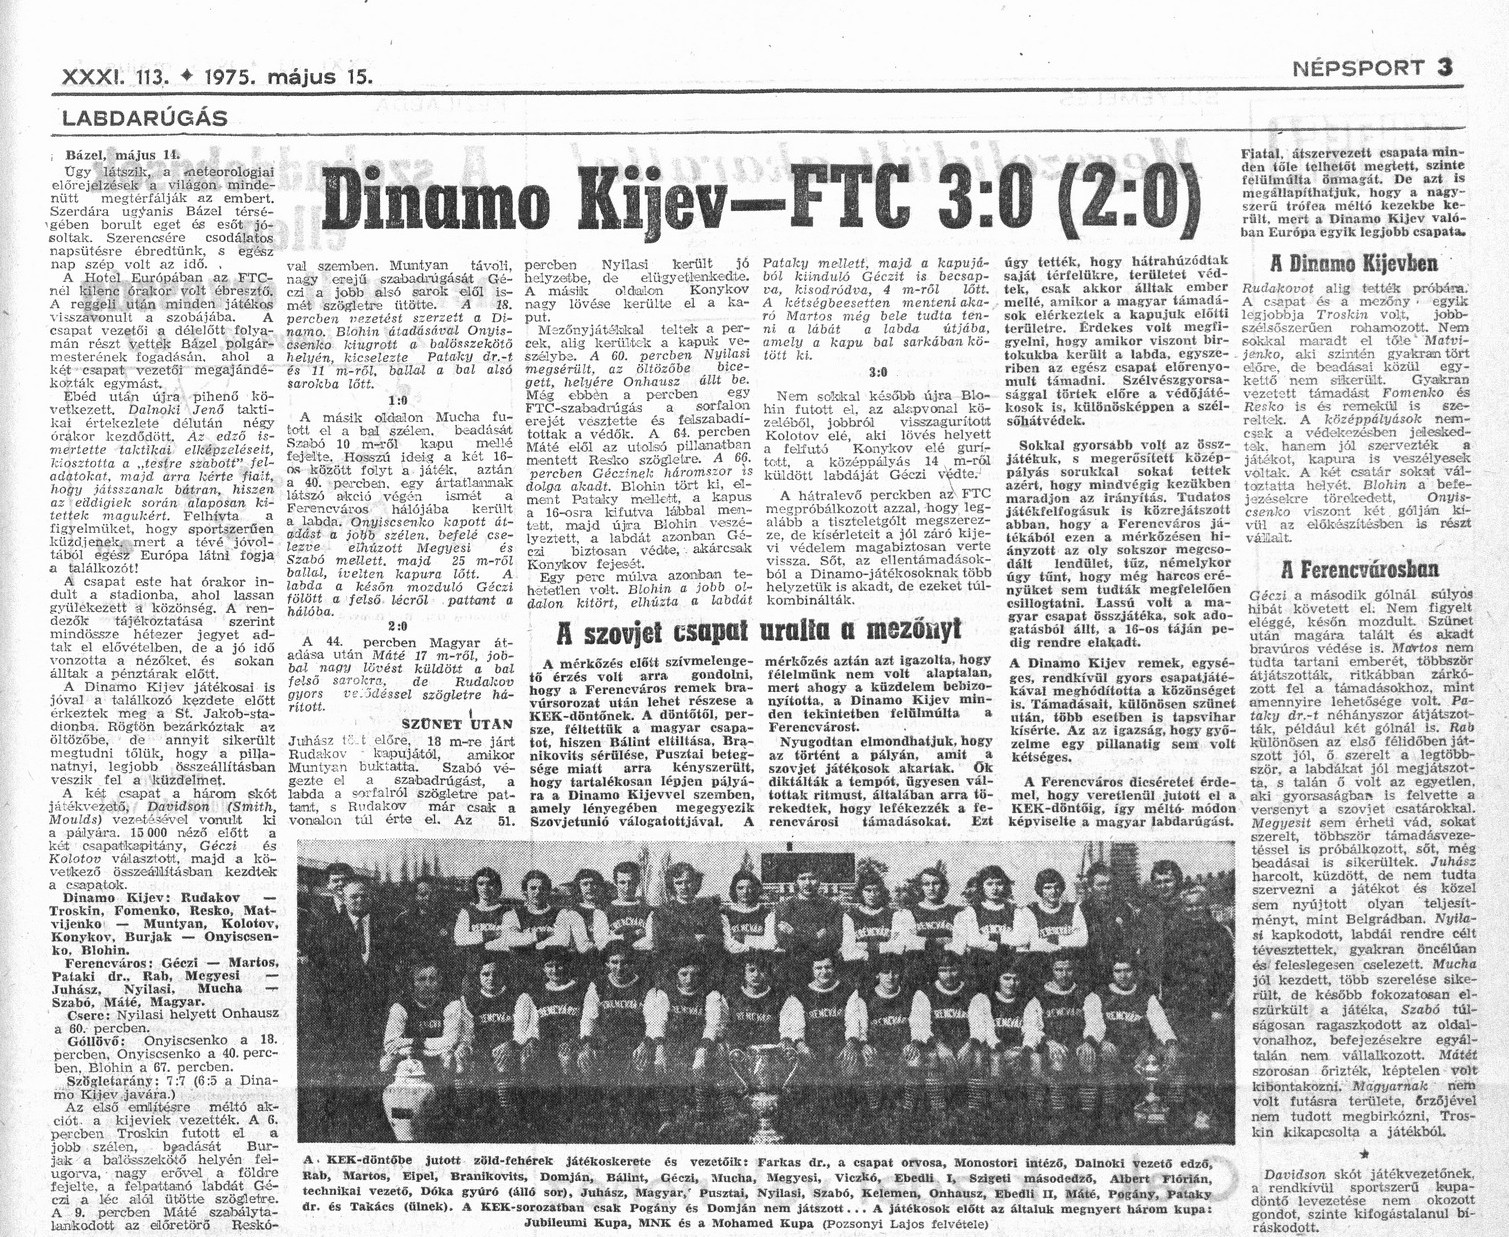 1975.05.15_19750514_Dinamo-Kijev-FTC_02